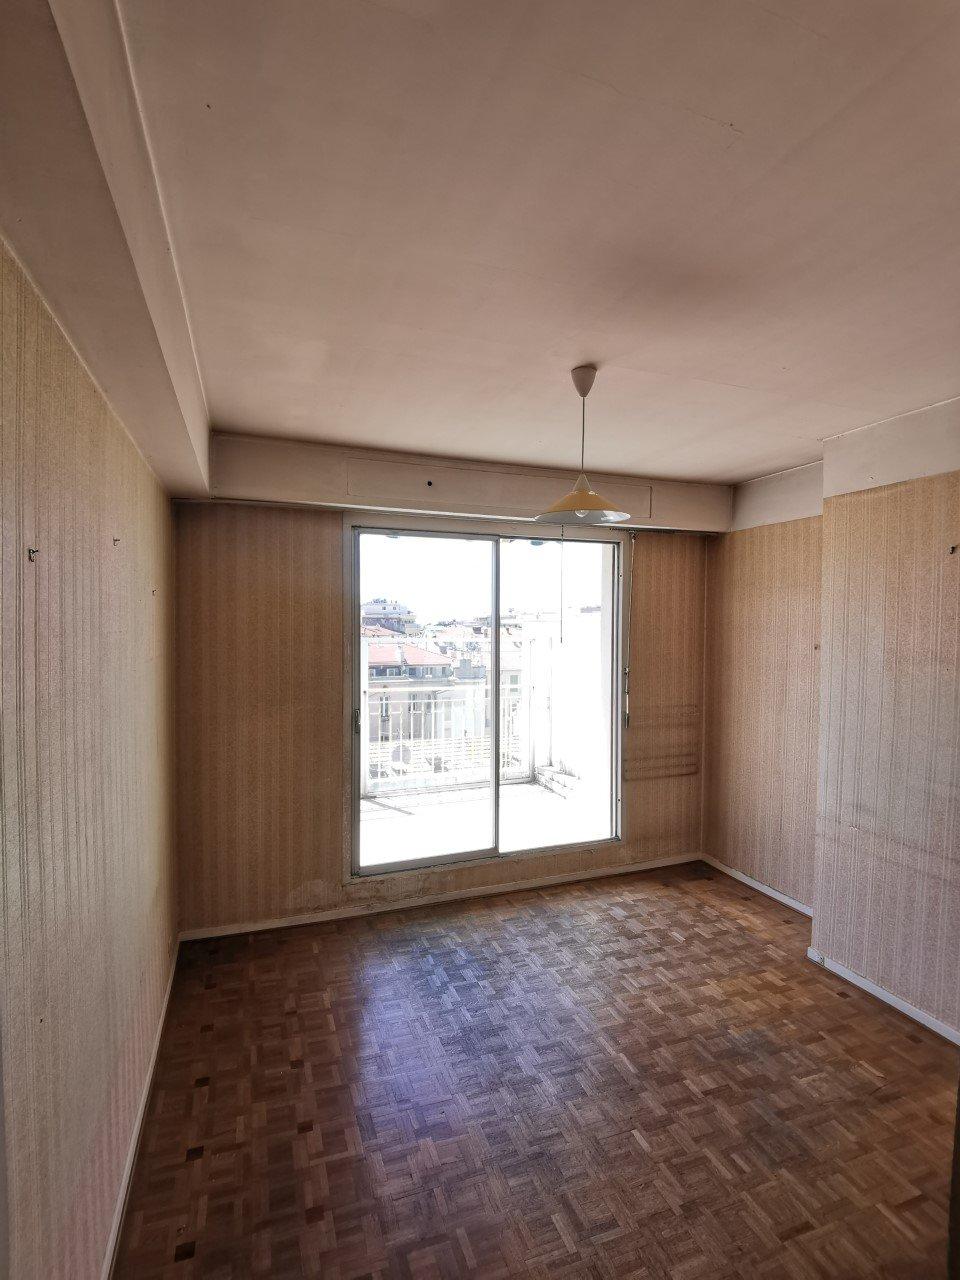 Appartement 4 pièces de 117 m² - Nice Carabacel